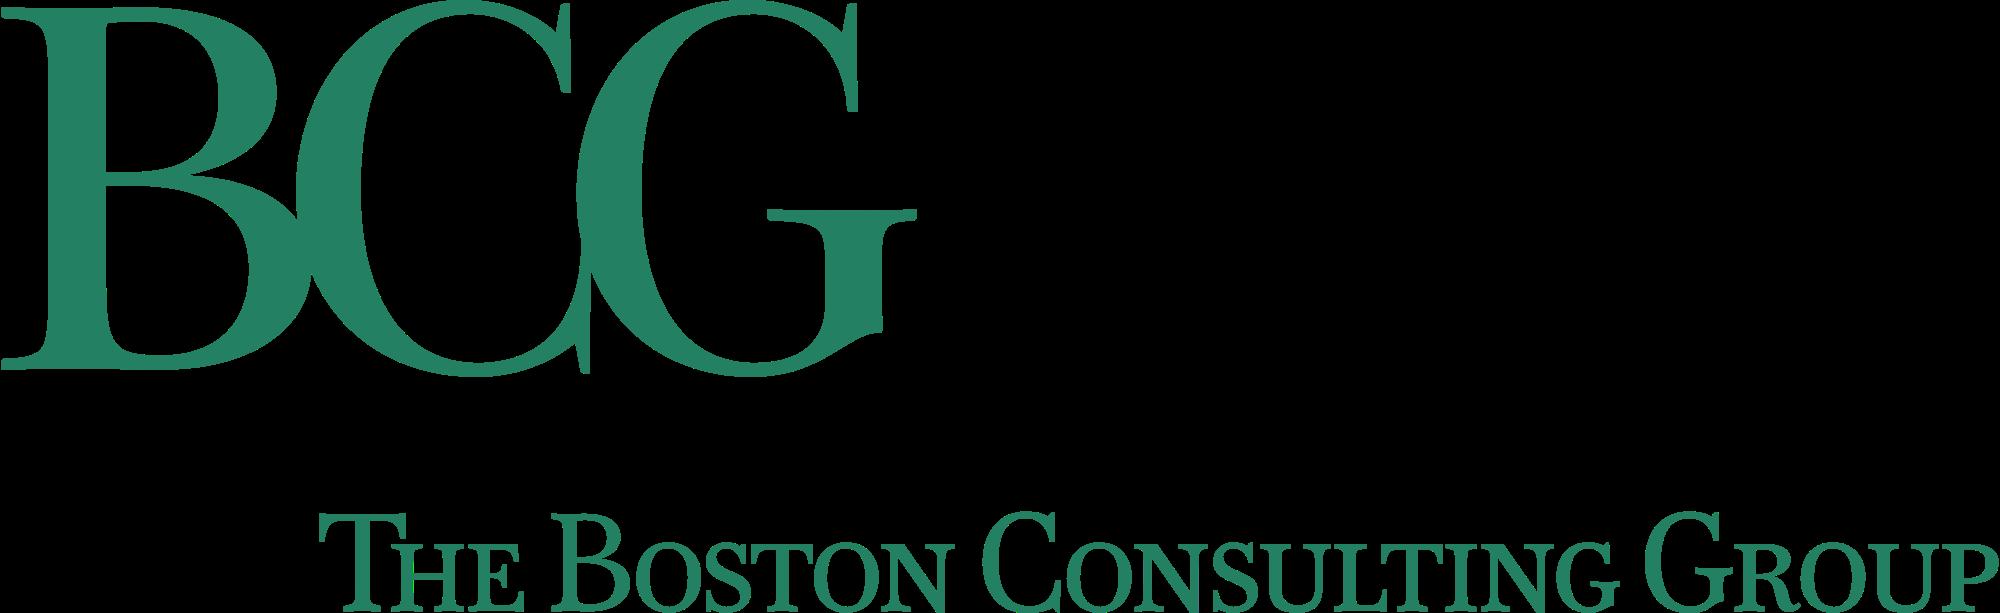 BCG 波士頓企管顧問集團